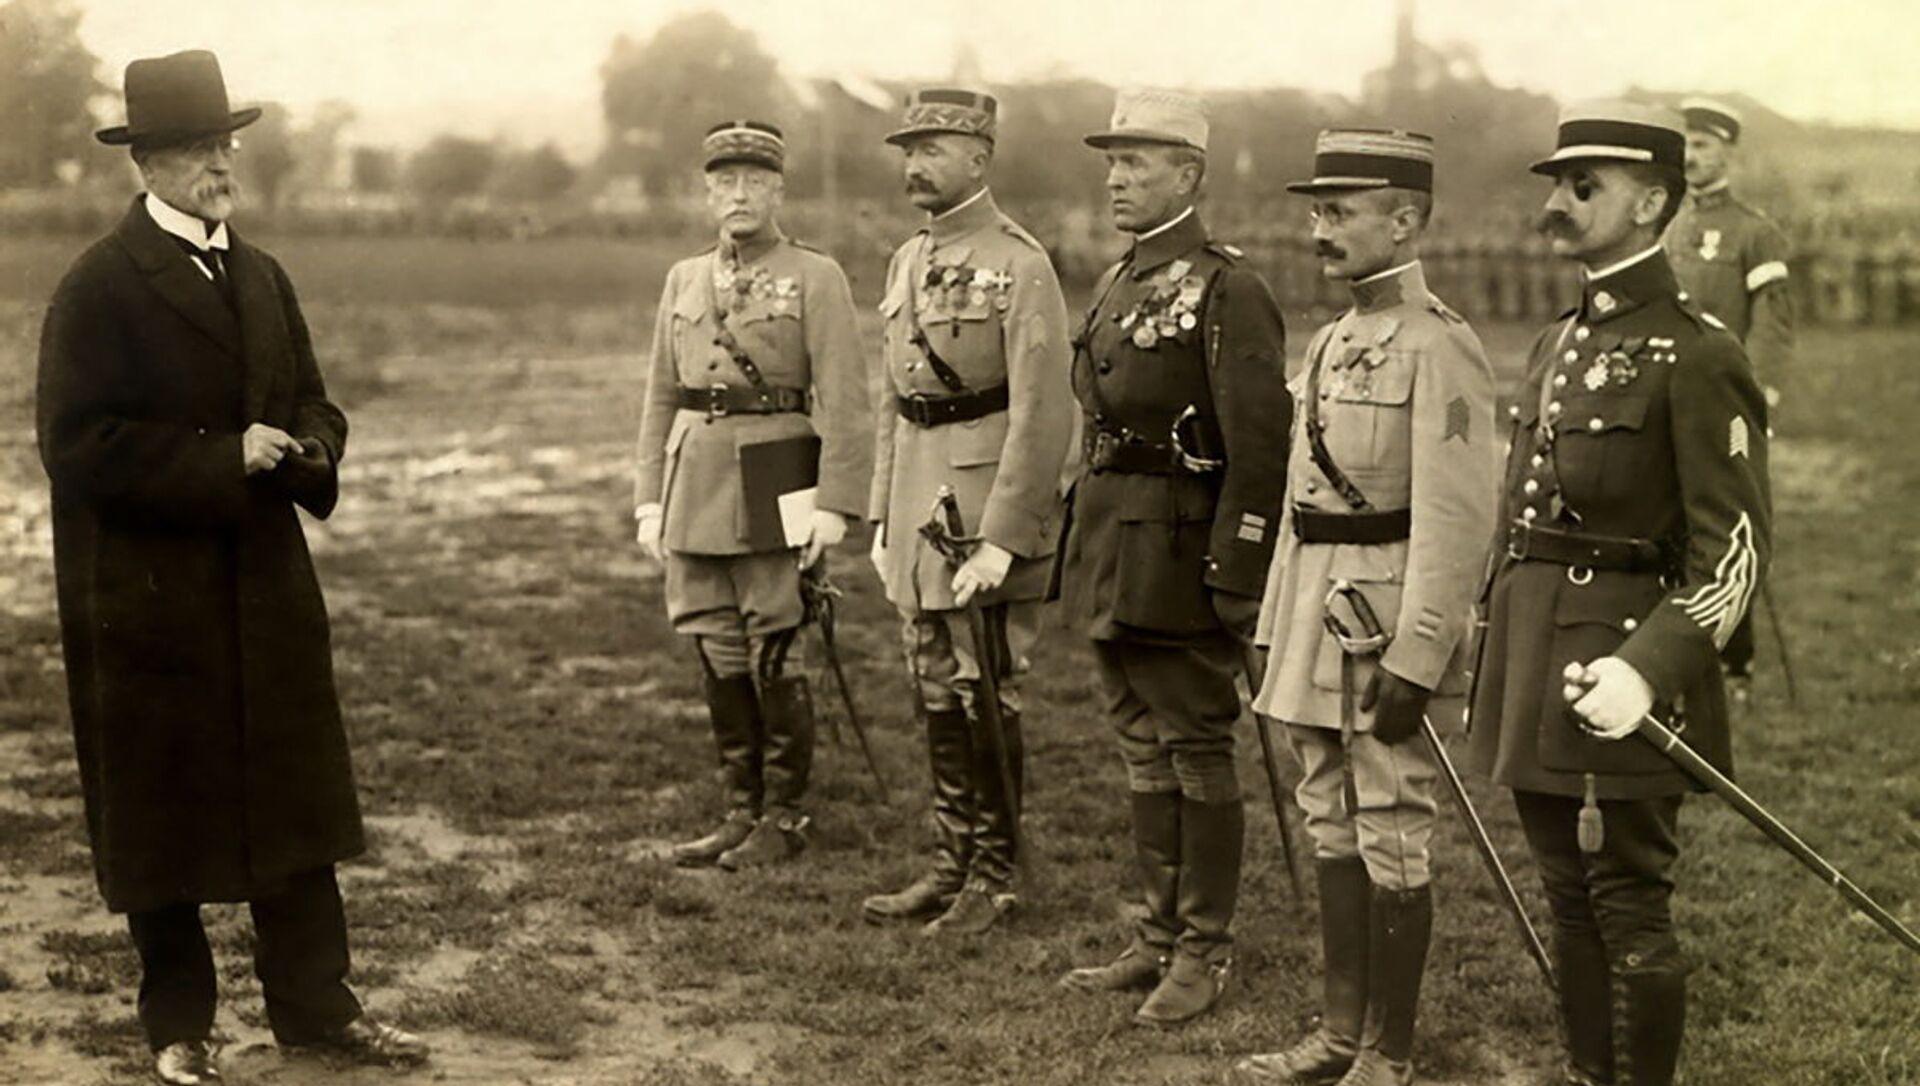 T. G. Masaryk udělil v roce 1919 příslušníkům Francouzské vojenské mise čs. Válečné kříže 1914‒1918 - Sputnik Česká republika, 1920, 20.04.2021